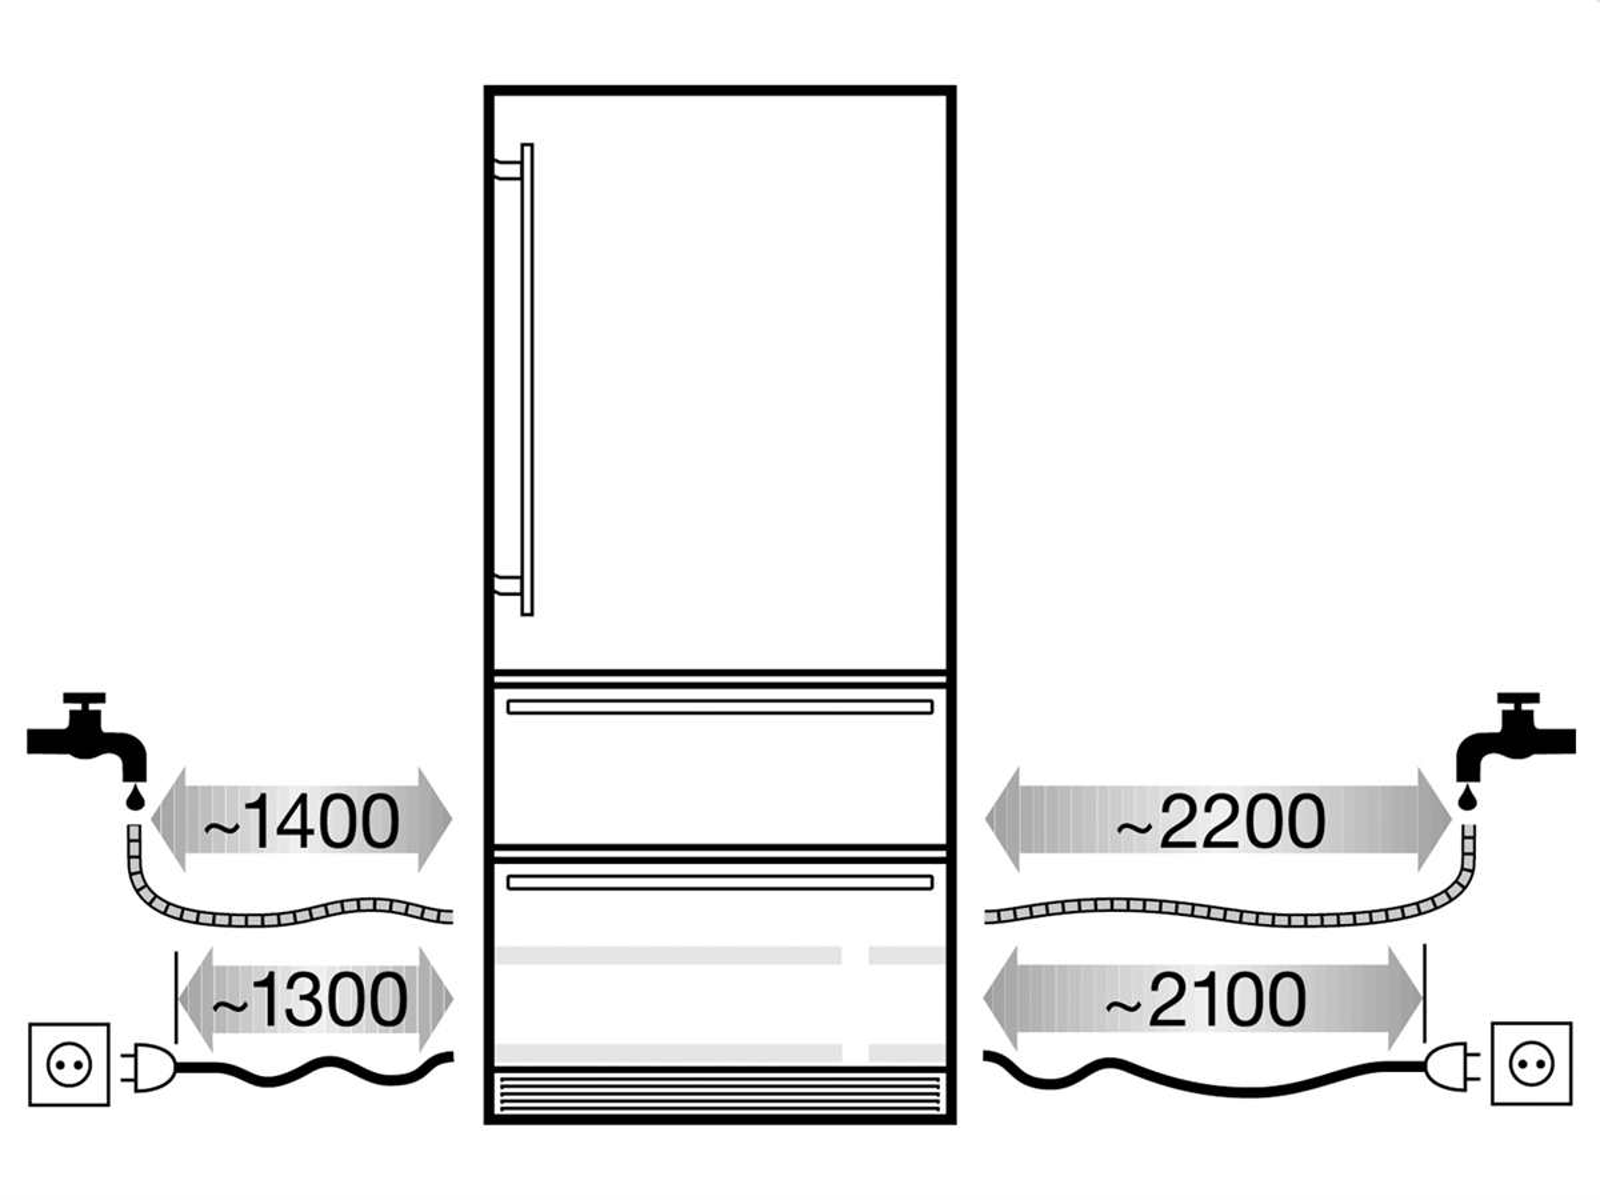 Liebherr ECBN 5066 PremiumPlus Rechtsanschlag Einbau-Kühl-Gefrierkombination A++